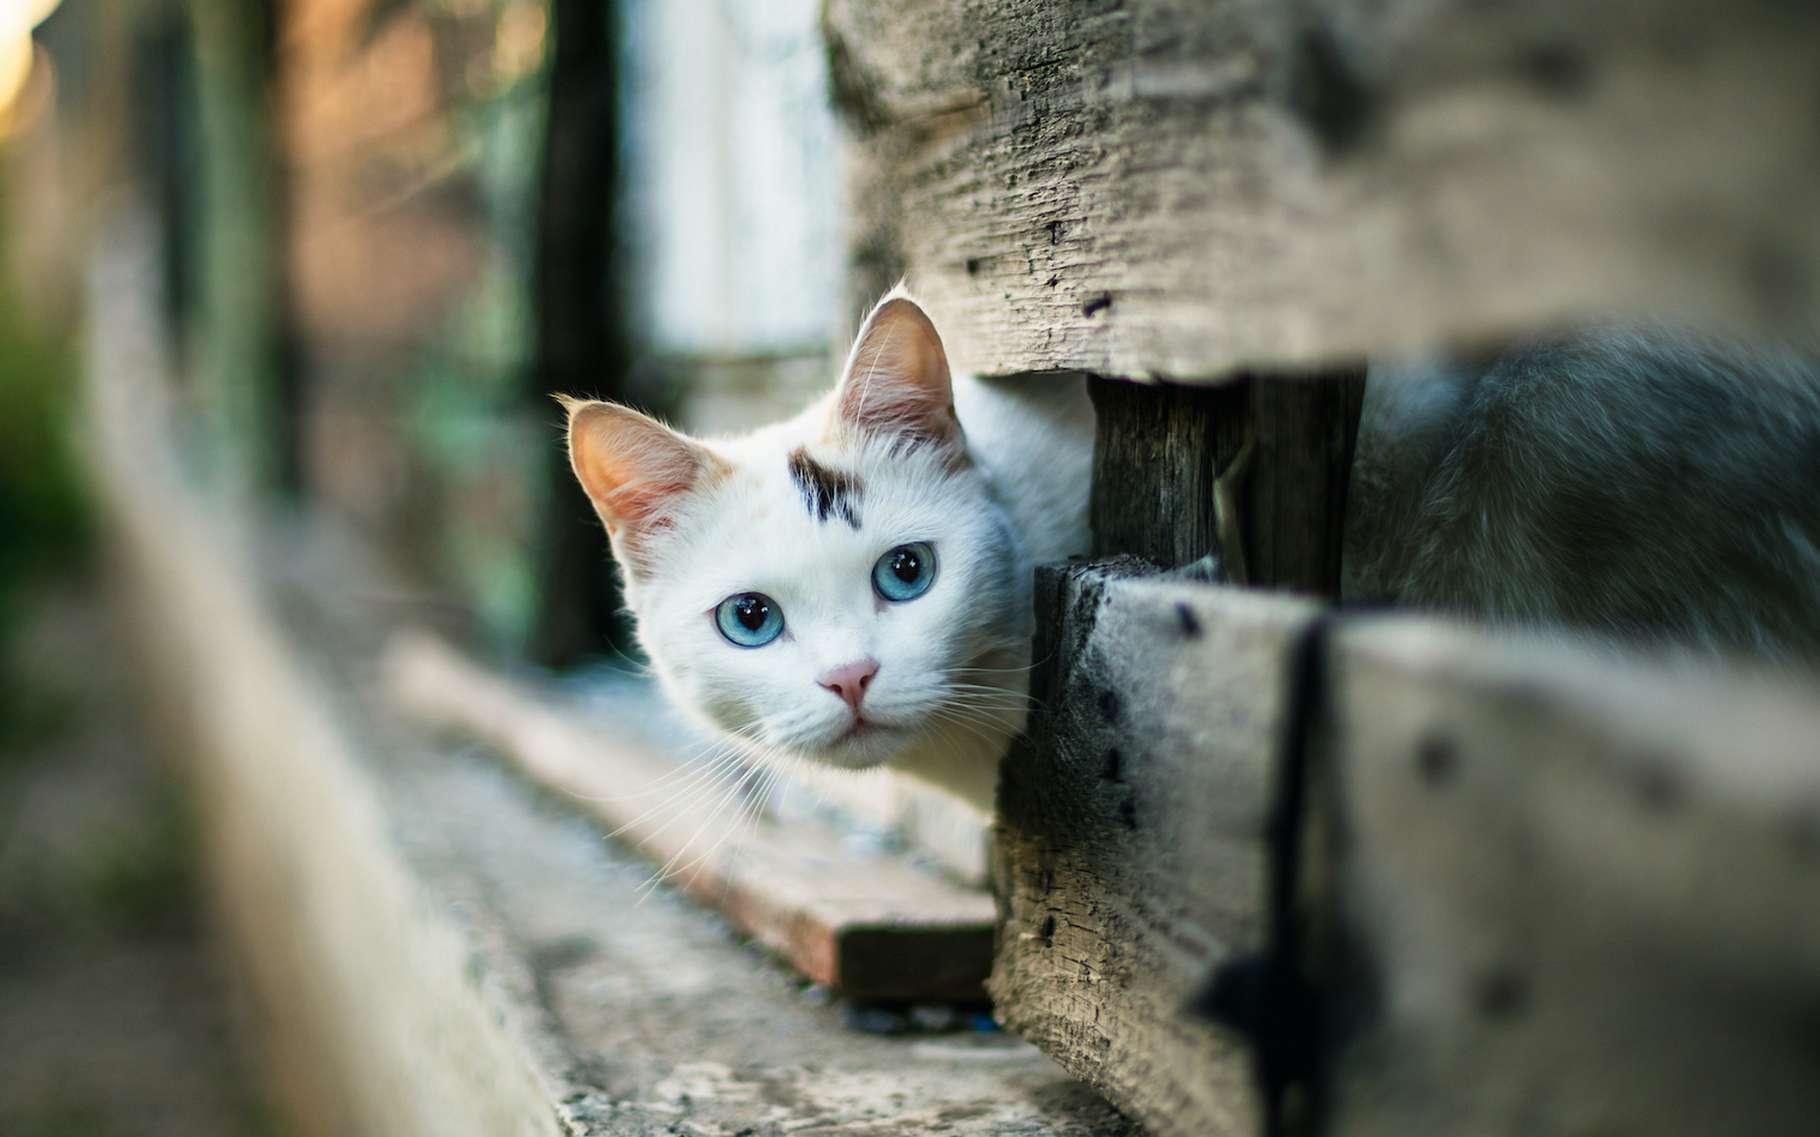 Une expérience laisse penser que les chats pourraient être capables d'imiter les comportements humains. © bearok, Adobe Stock